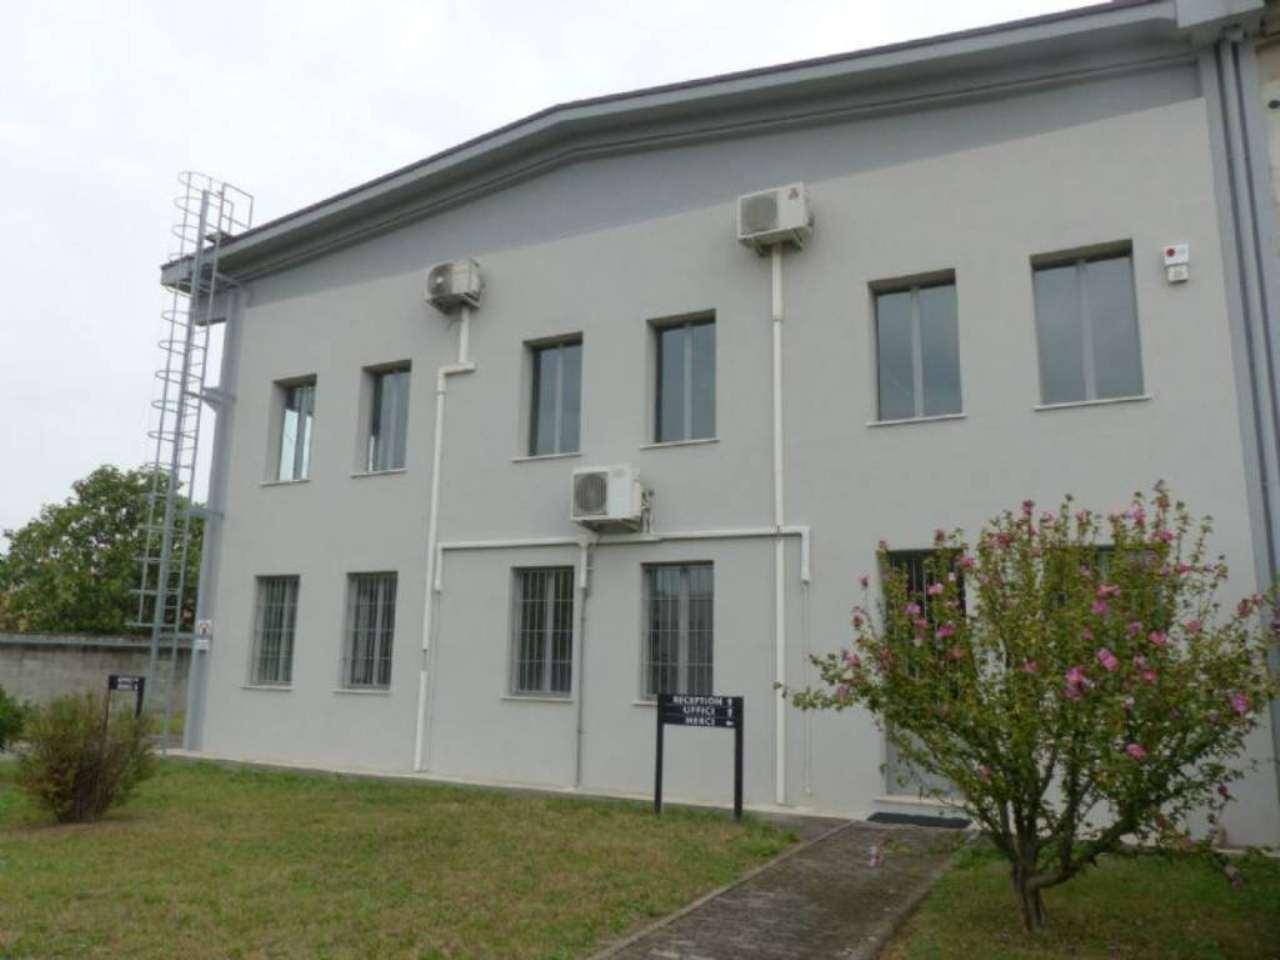 Ufficio / Studio in affitto a Pessano con Bornago, 9999 locali, prezzo € 5.000 | Cambio Casa.it